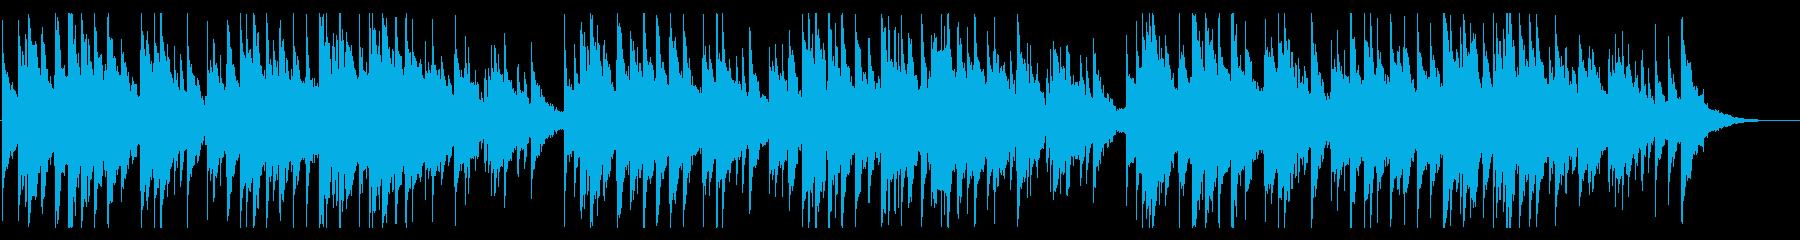 ★少し不思議な話に合いそうな★オルゴールの再生済みの波形